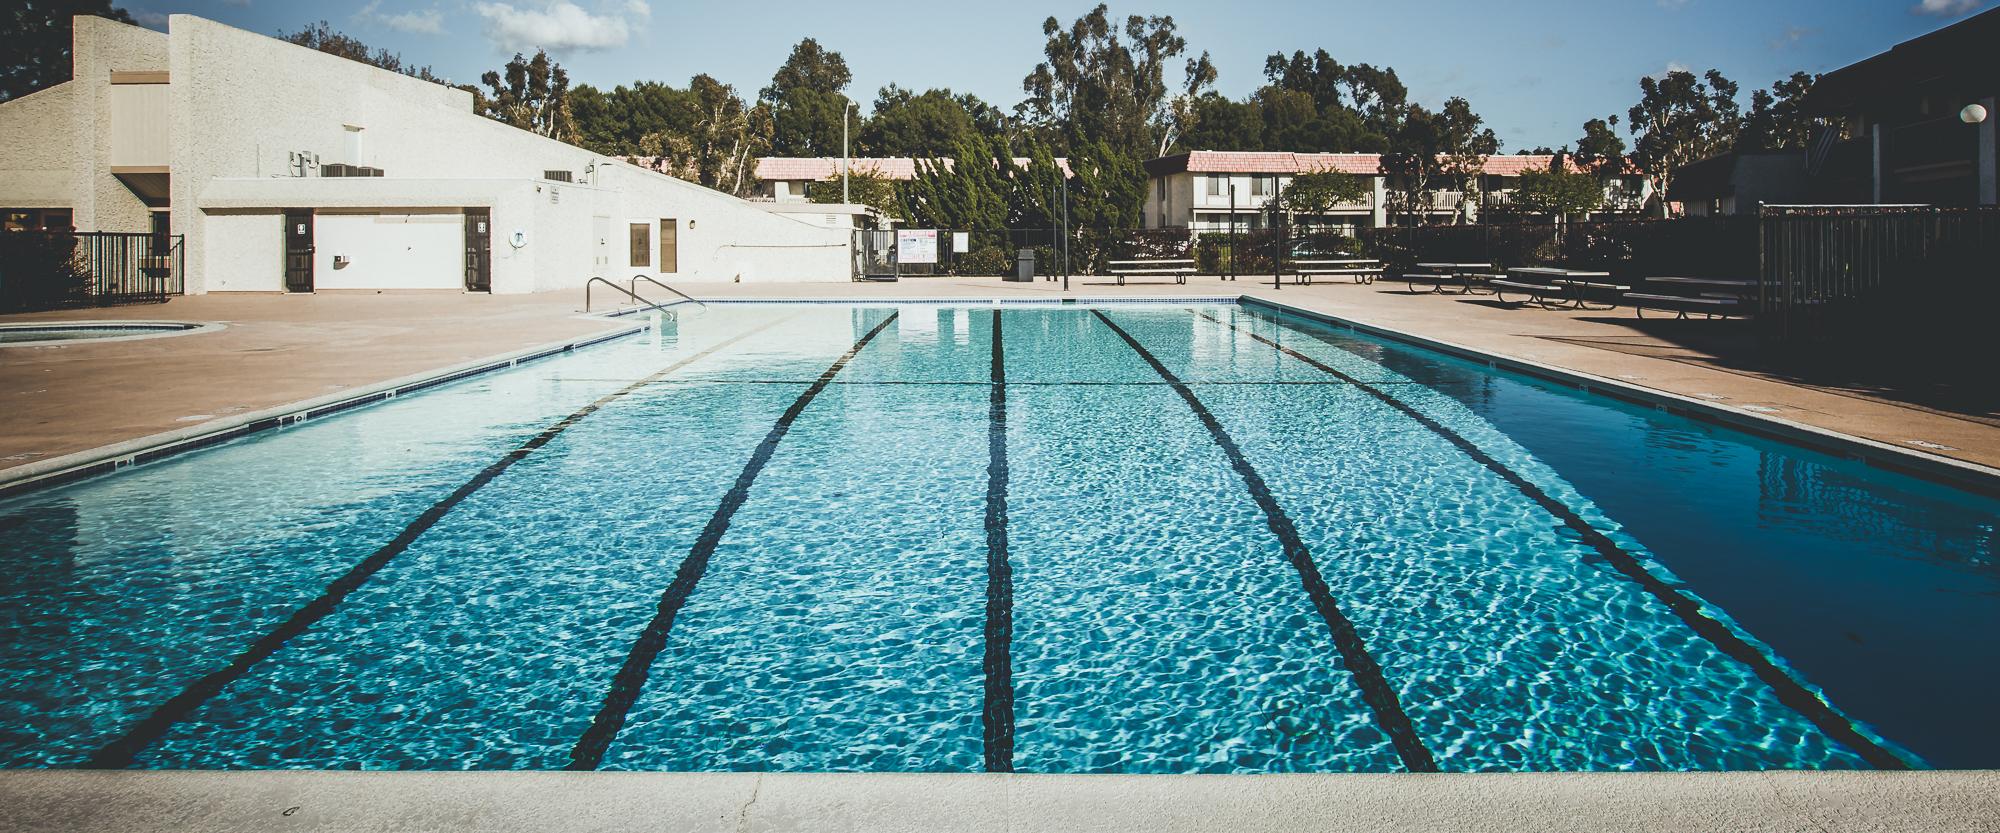 olympic pool, oceanside, ca 2.28.18